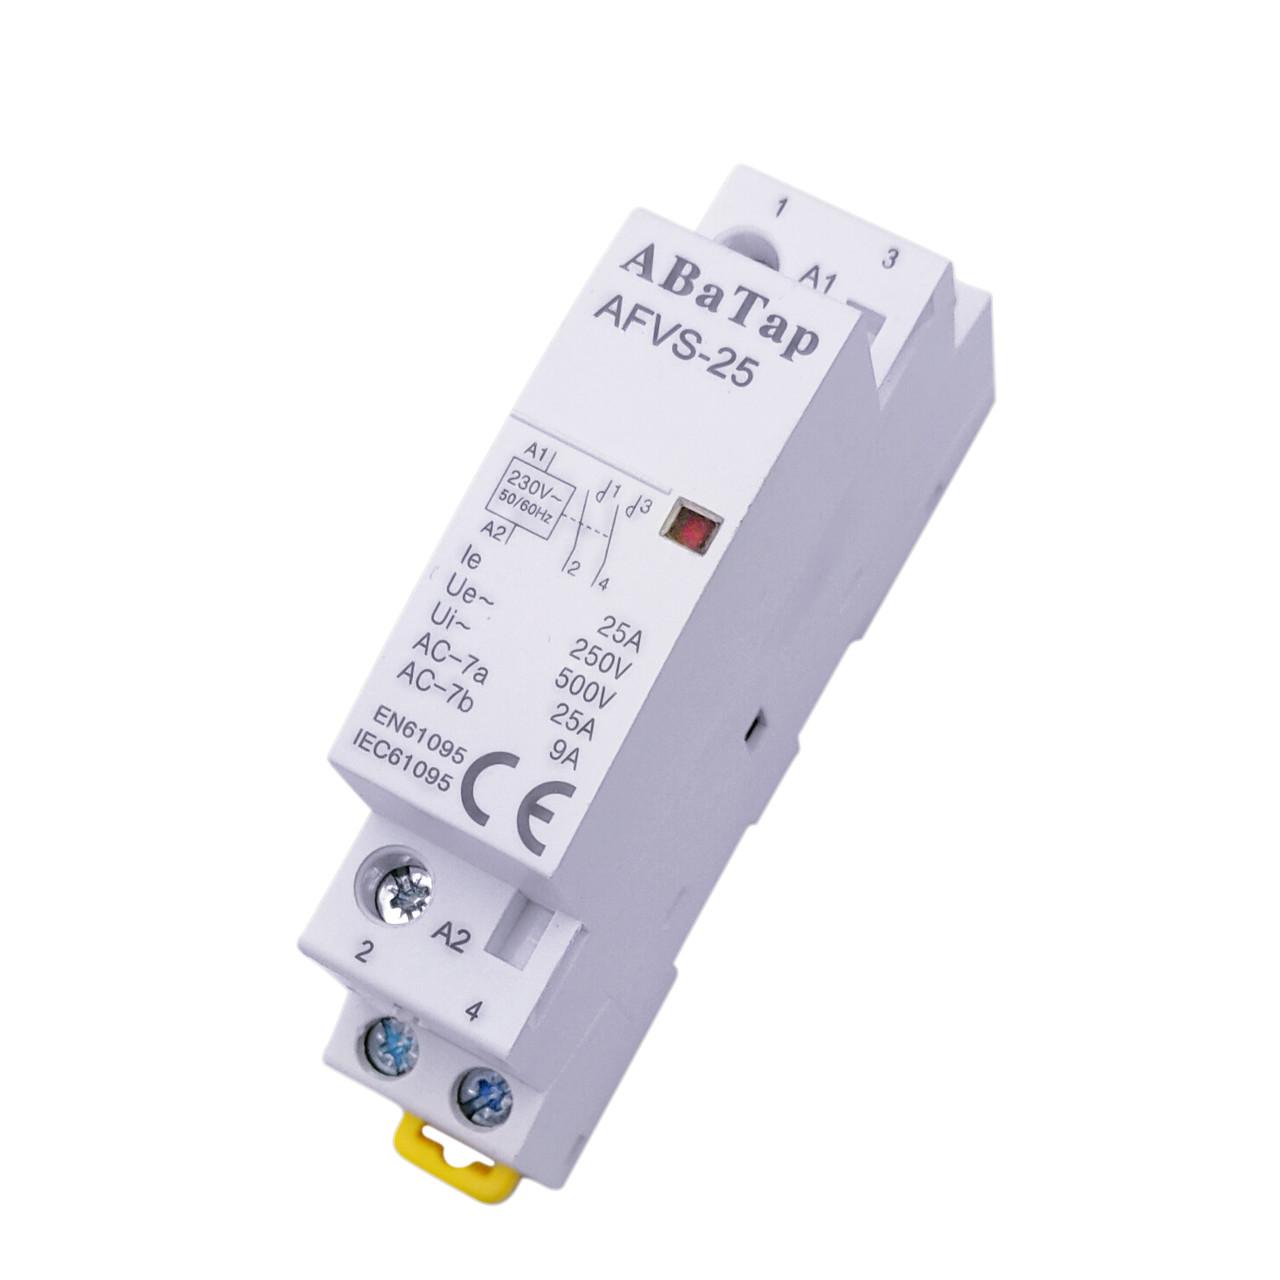 Контактор АВАТАР модульный на дин-рейку 2 полюса 2NO 25А (ST 425)